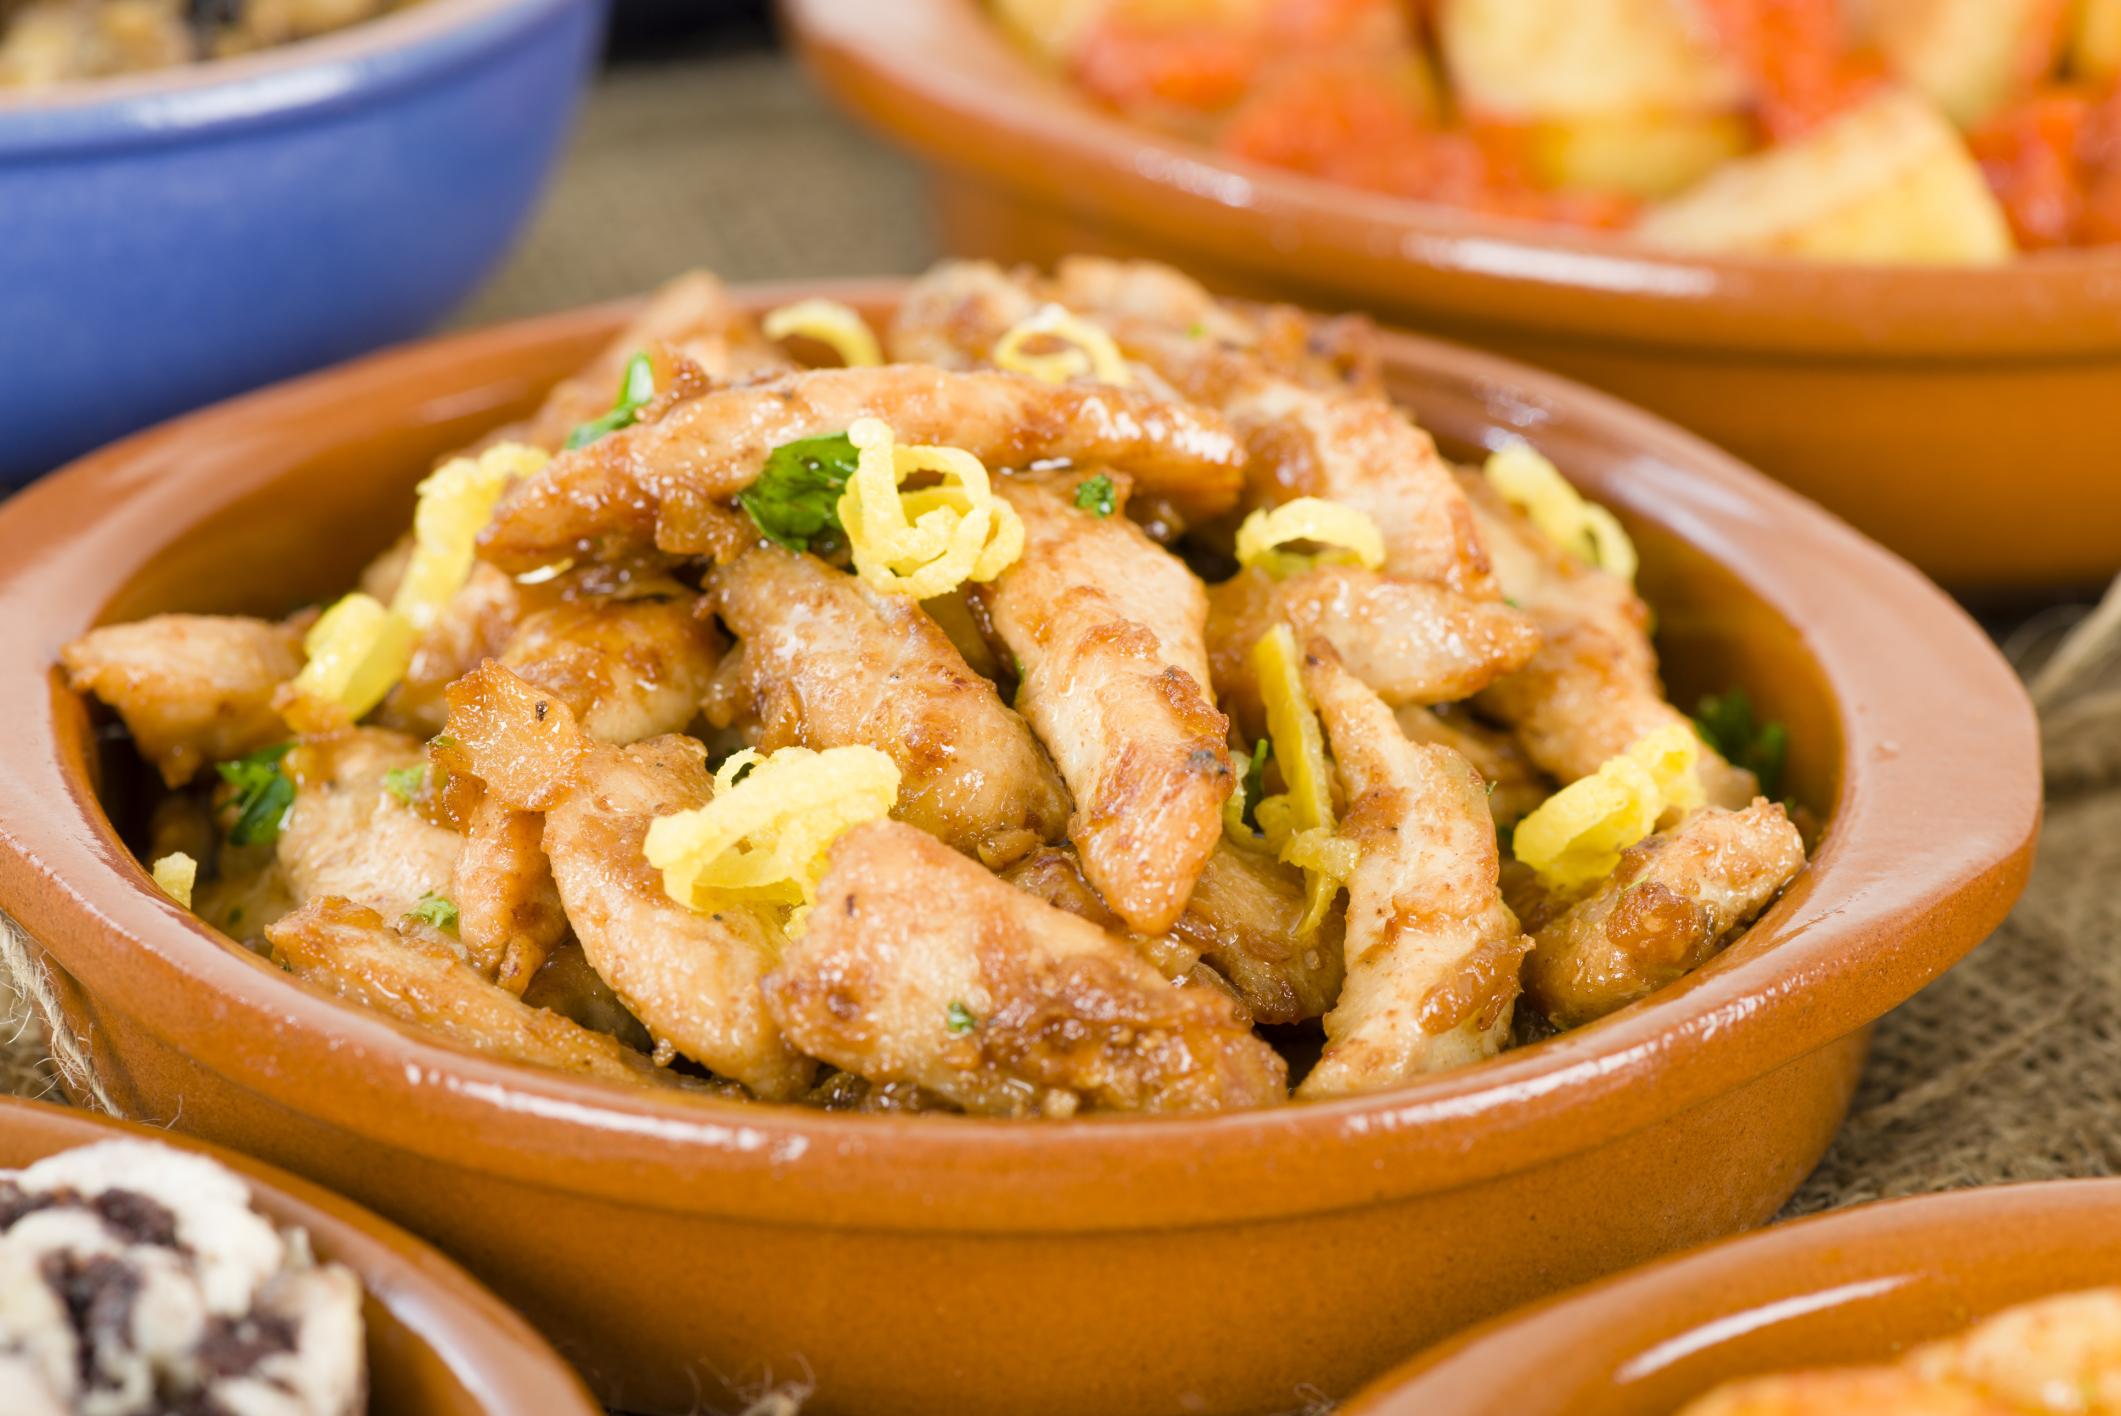 Tiras de pechuga de pollo al ajillo